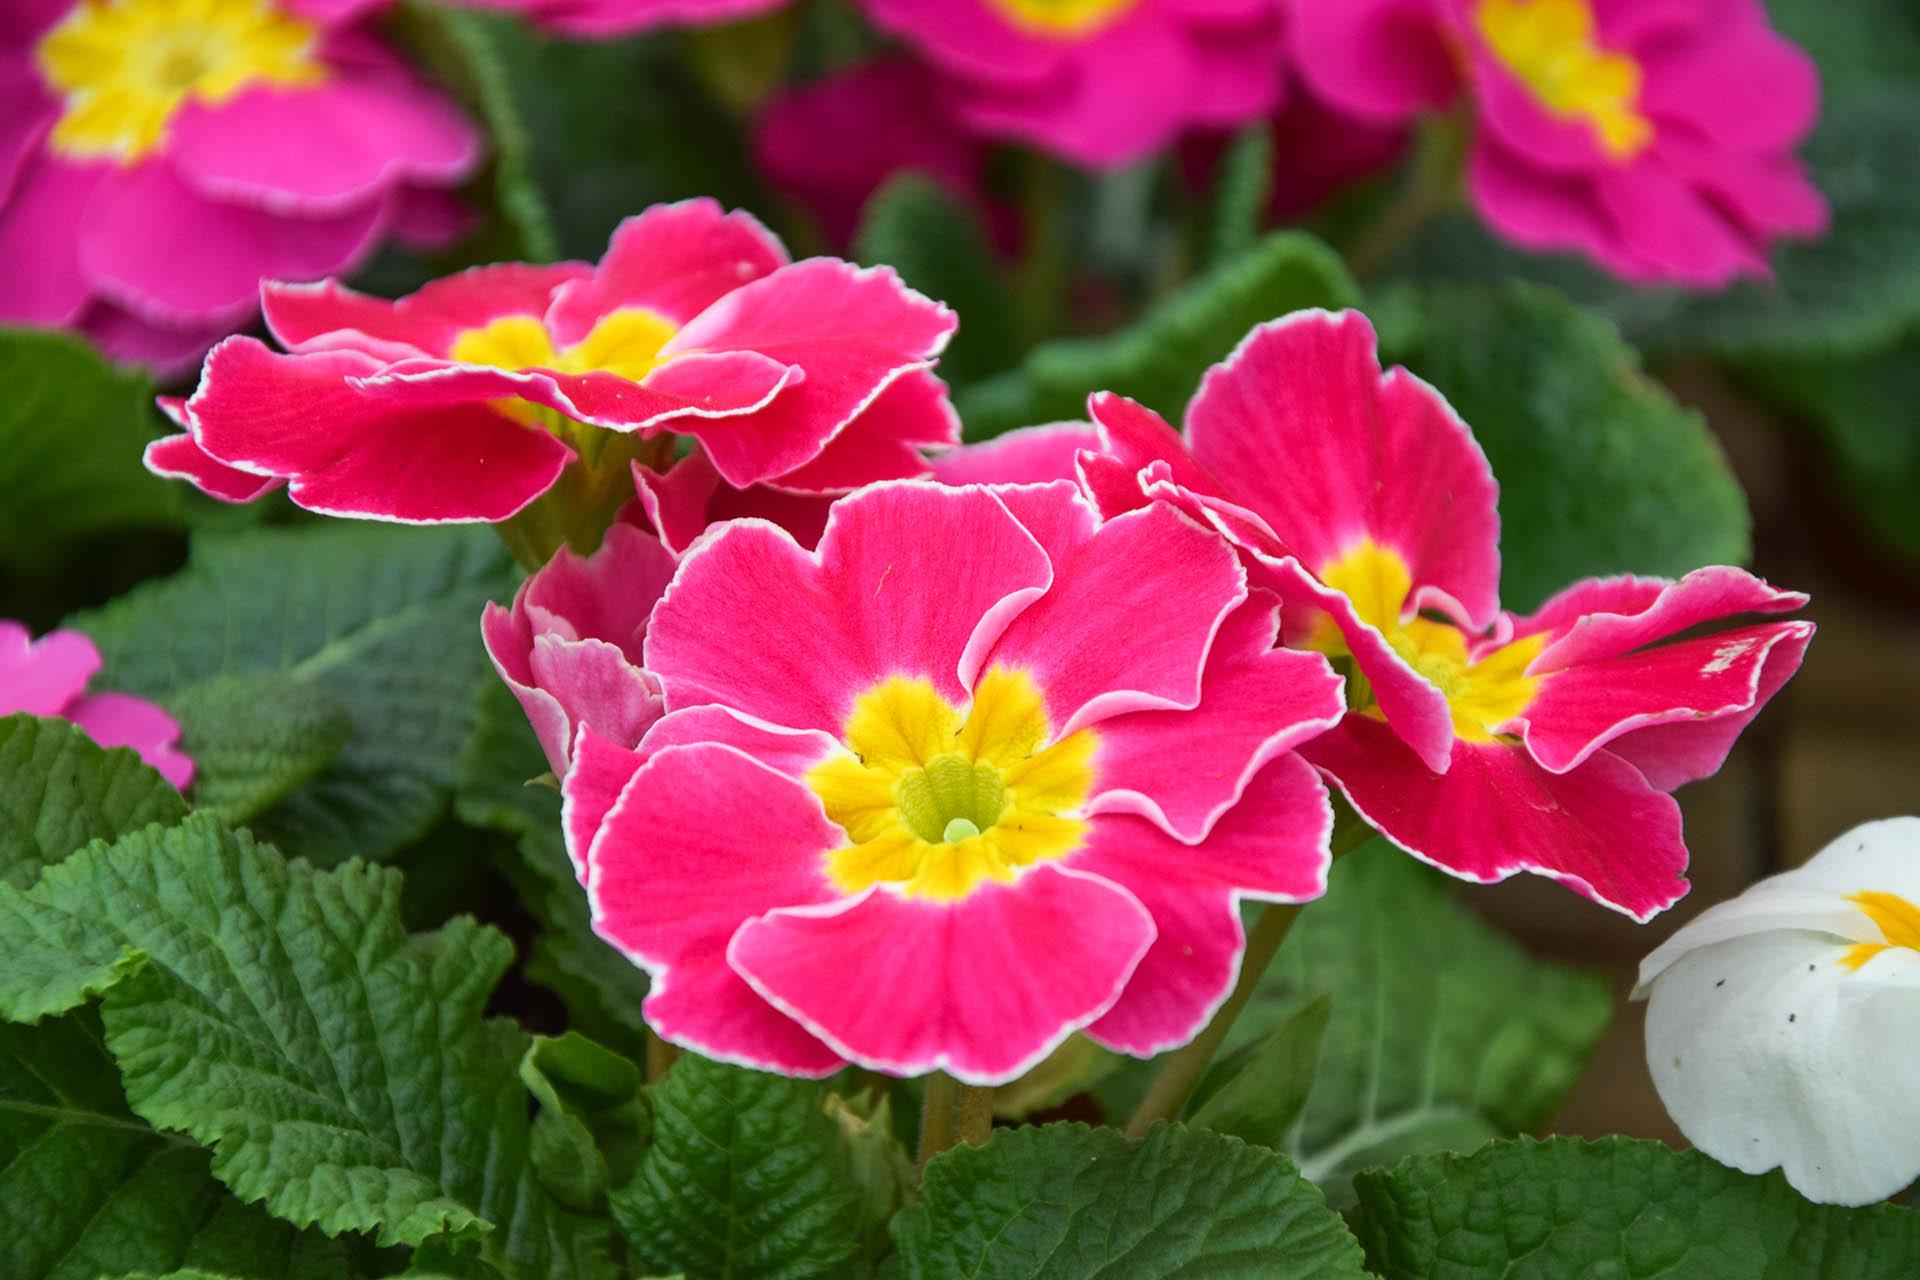 Piante fiorite tercomposti s p a for Piantine fiorite perenni